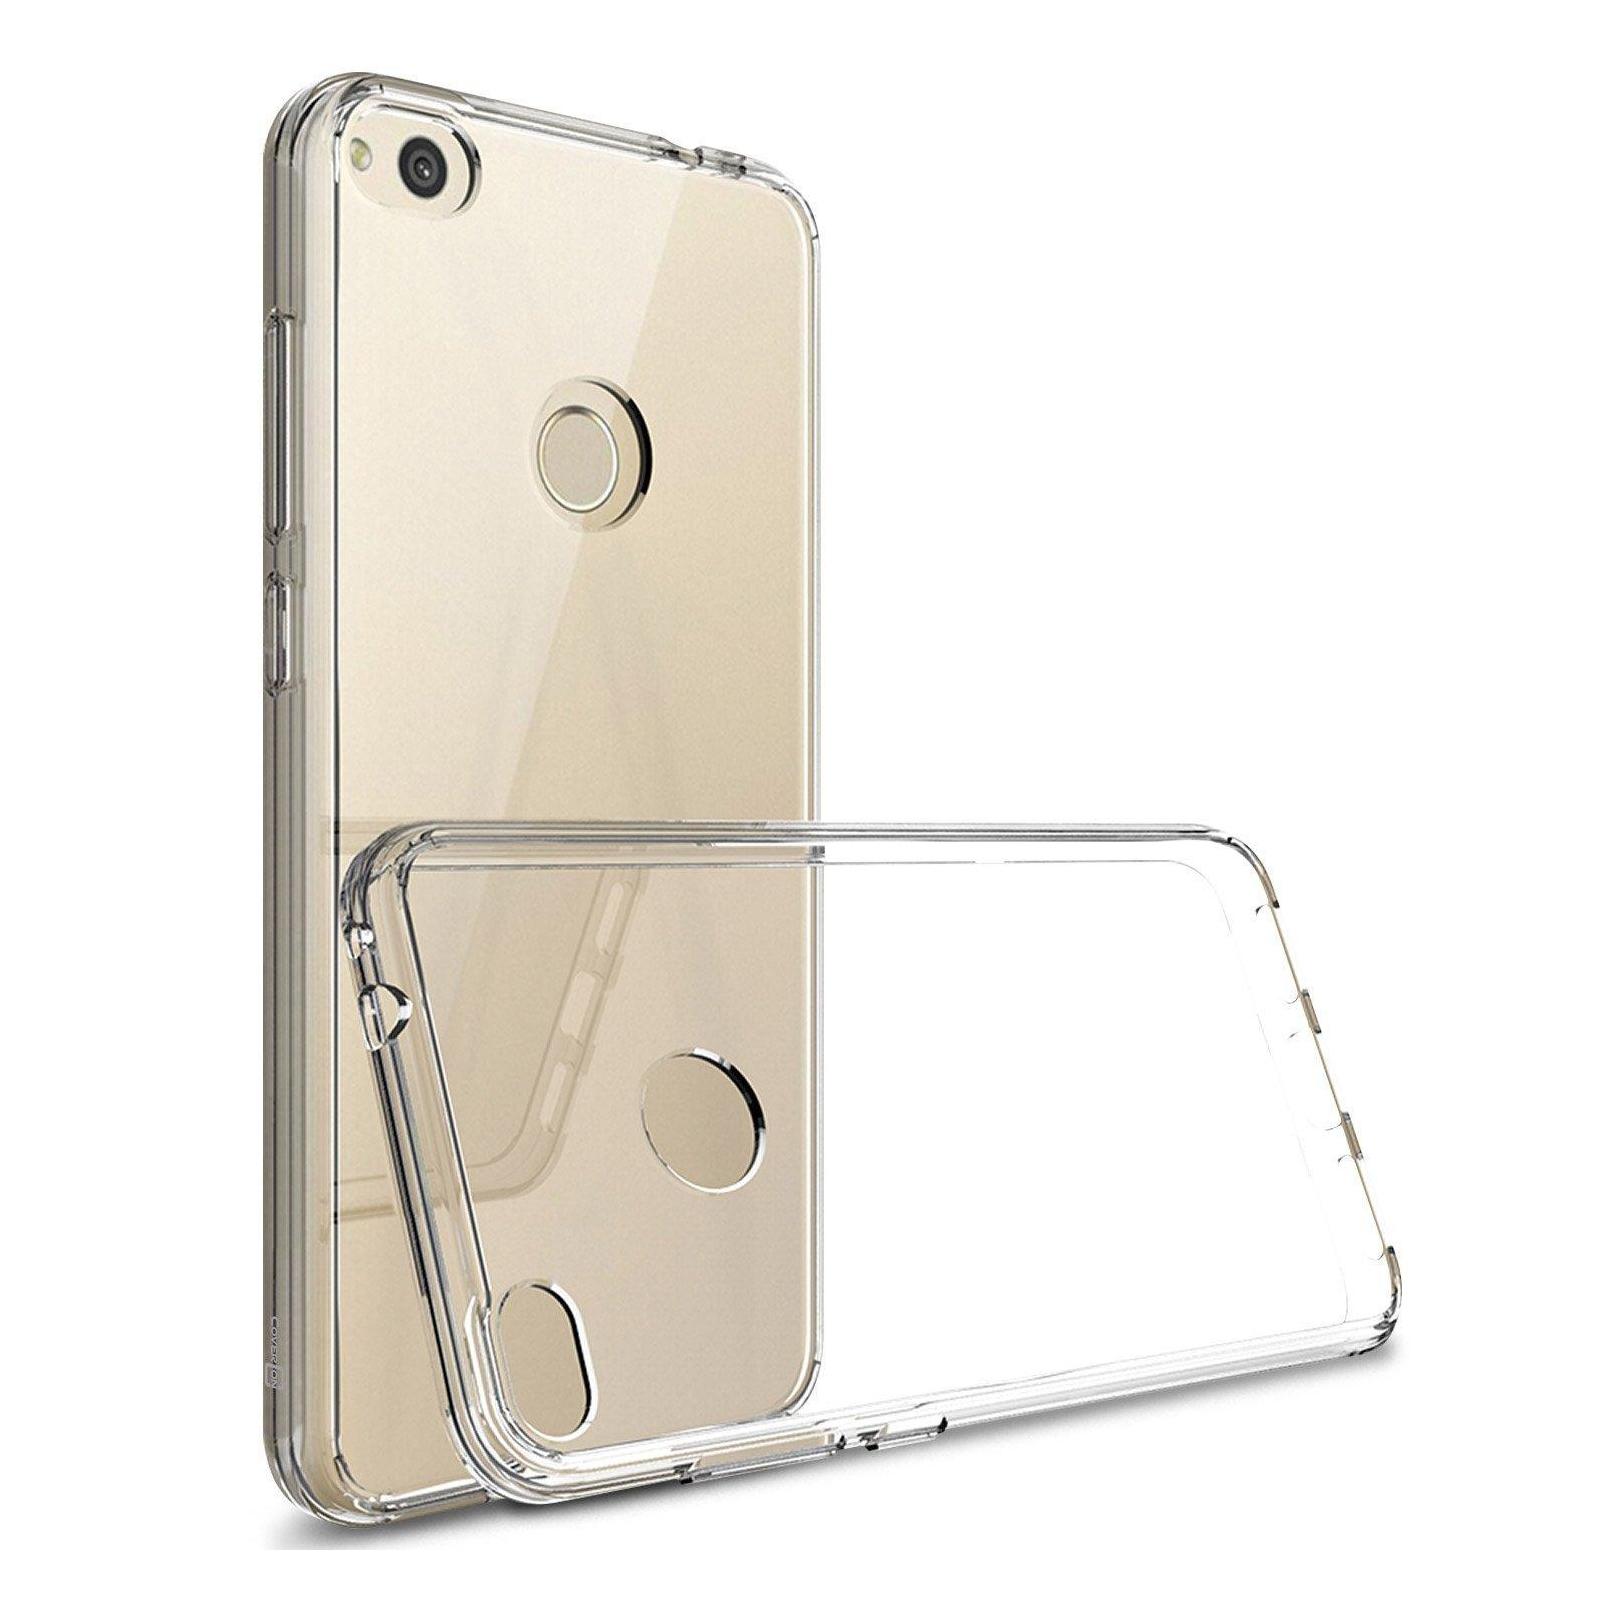 Чехол для моб. телефона SmartCase Huawei P8 Lite TPU Clear (SC-HP8L) изображение 3